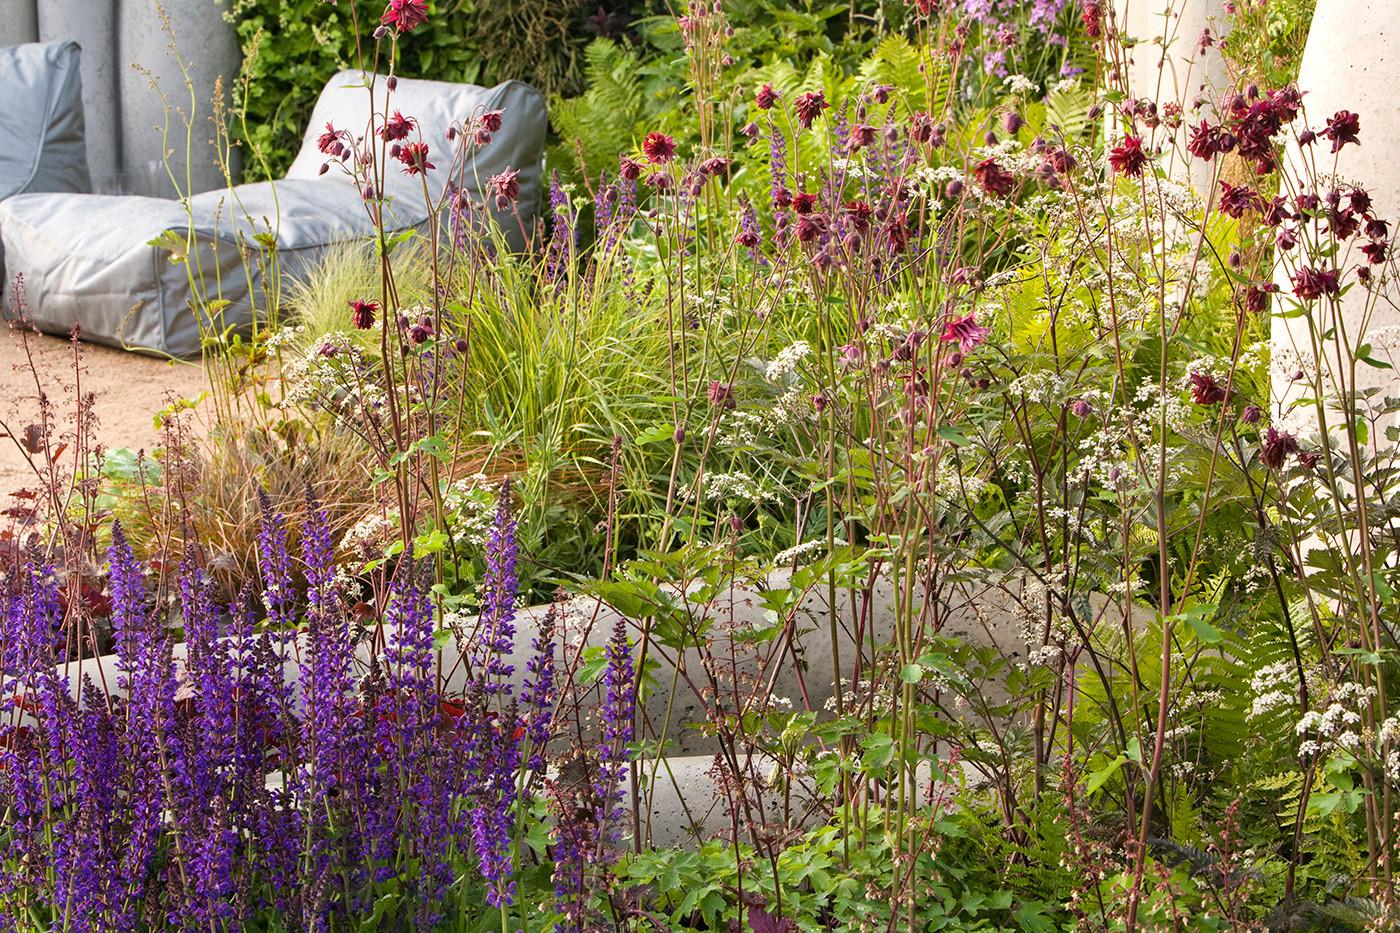 Salvia and Aquilegia Vulgaris